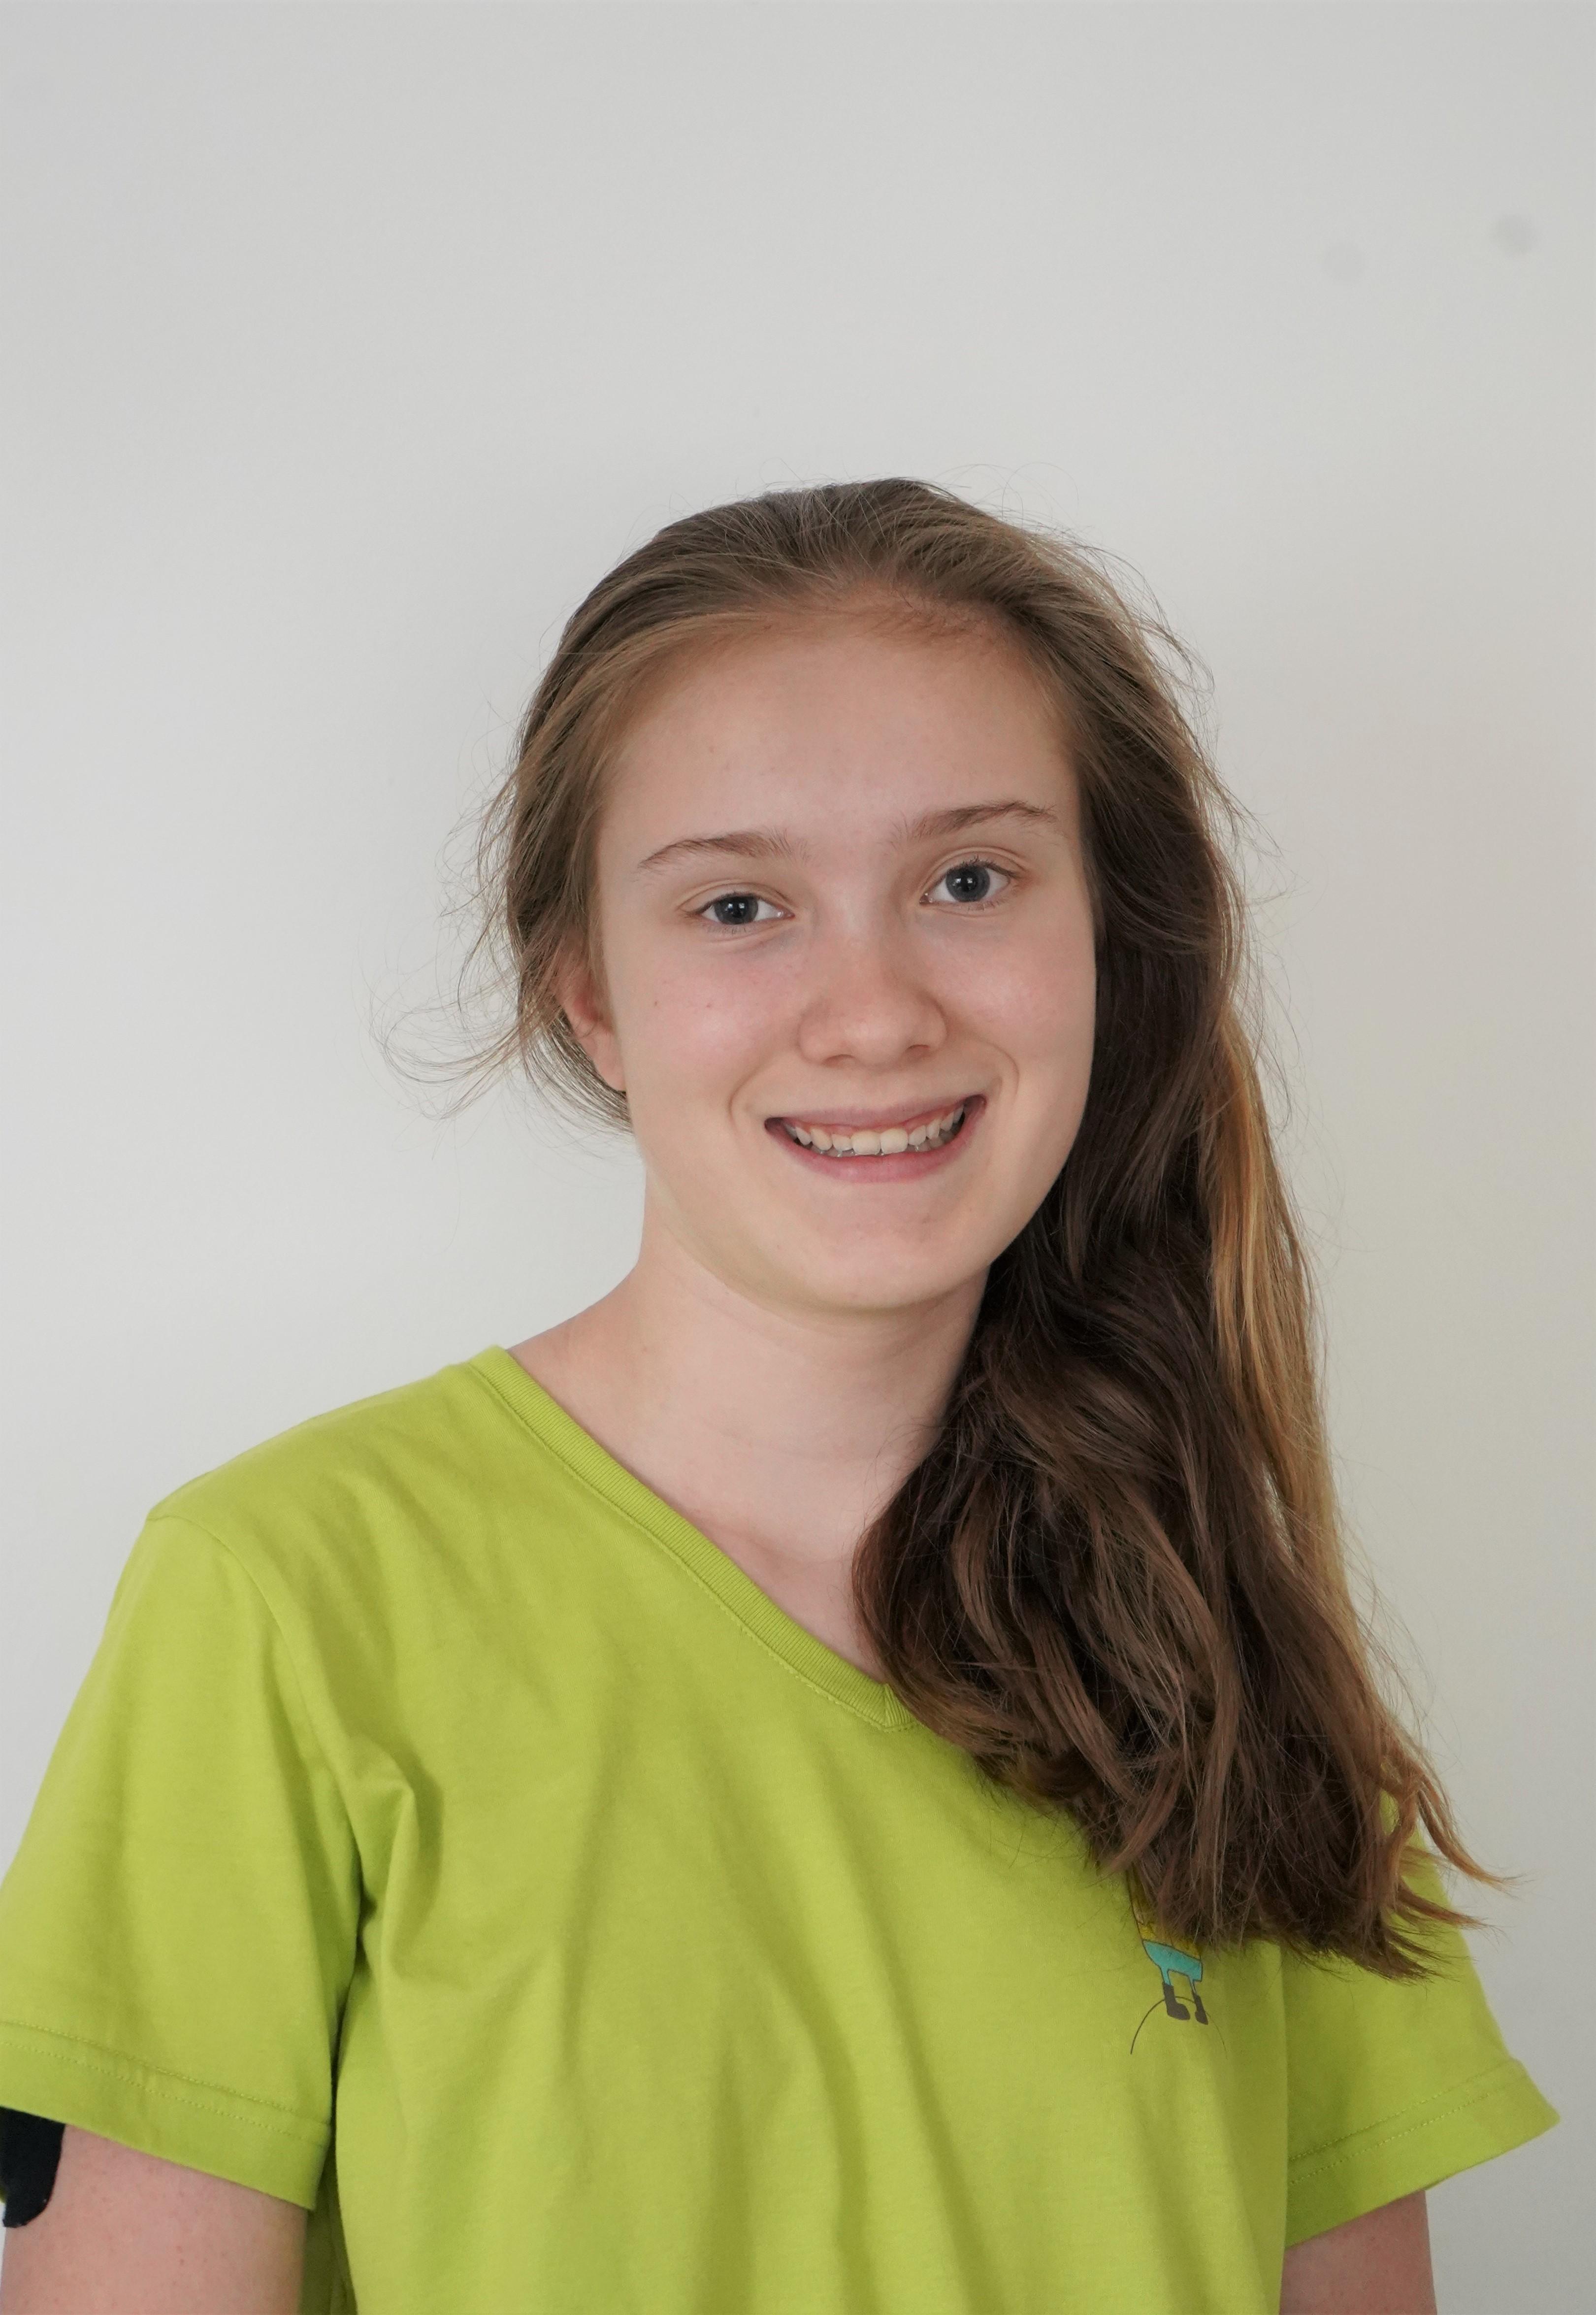 Annika Fisler